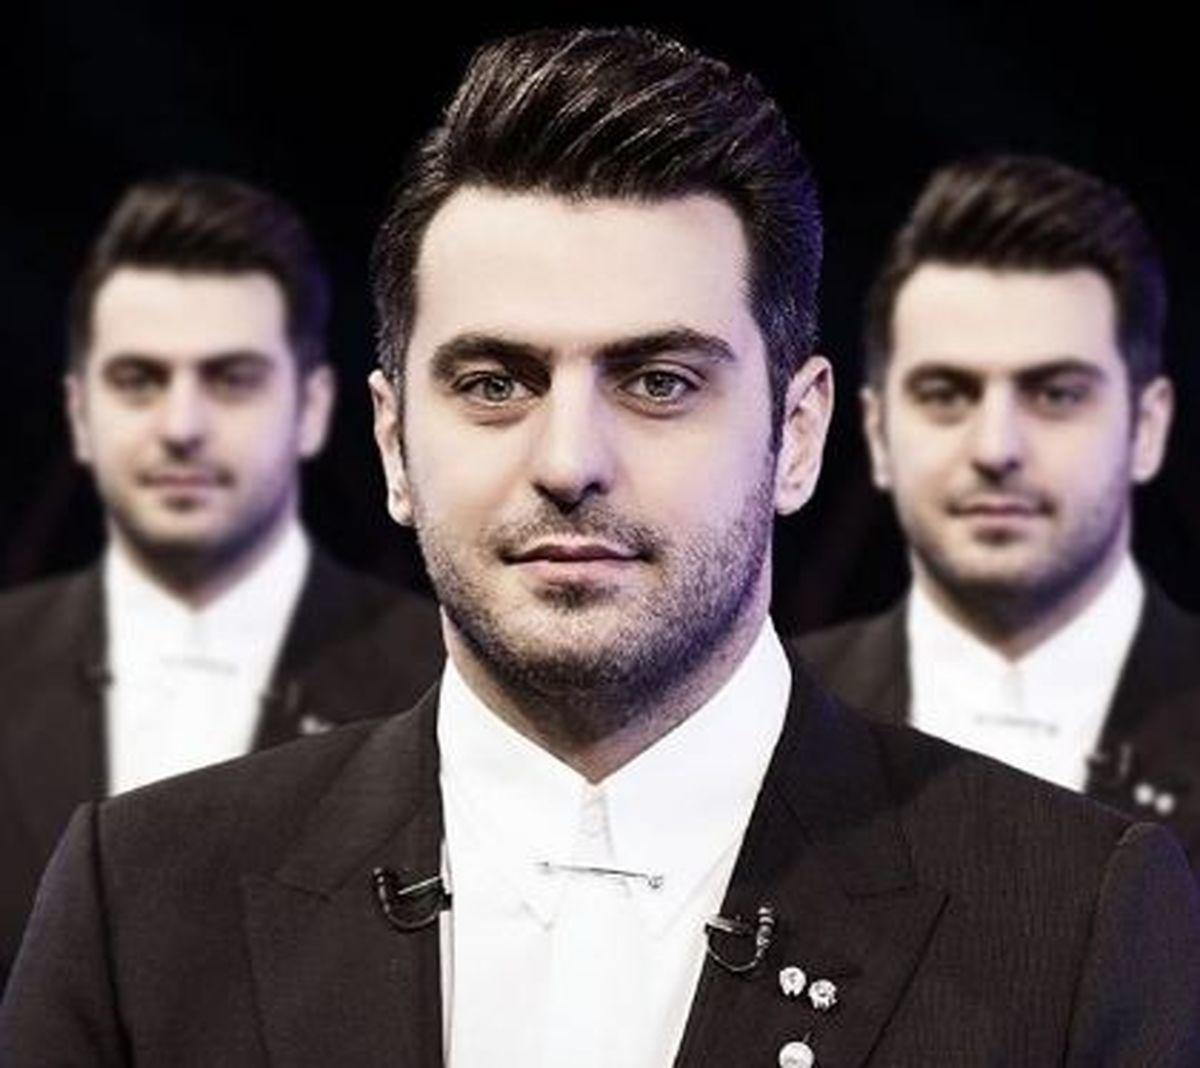 عکس خانوادگی «علی ضیا» مجری فرمول یک